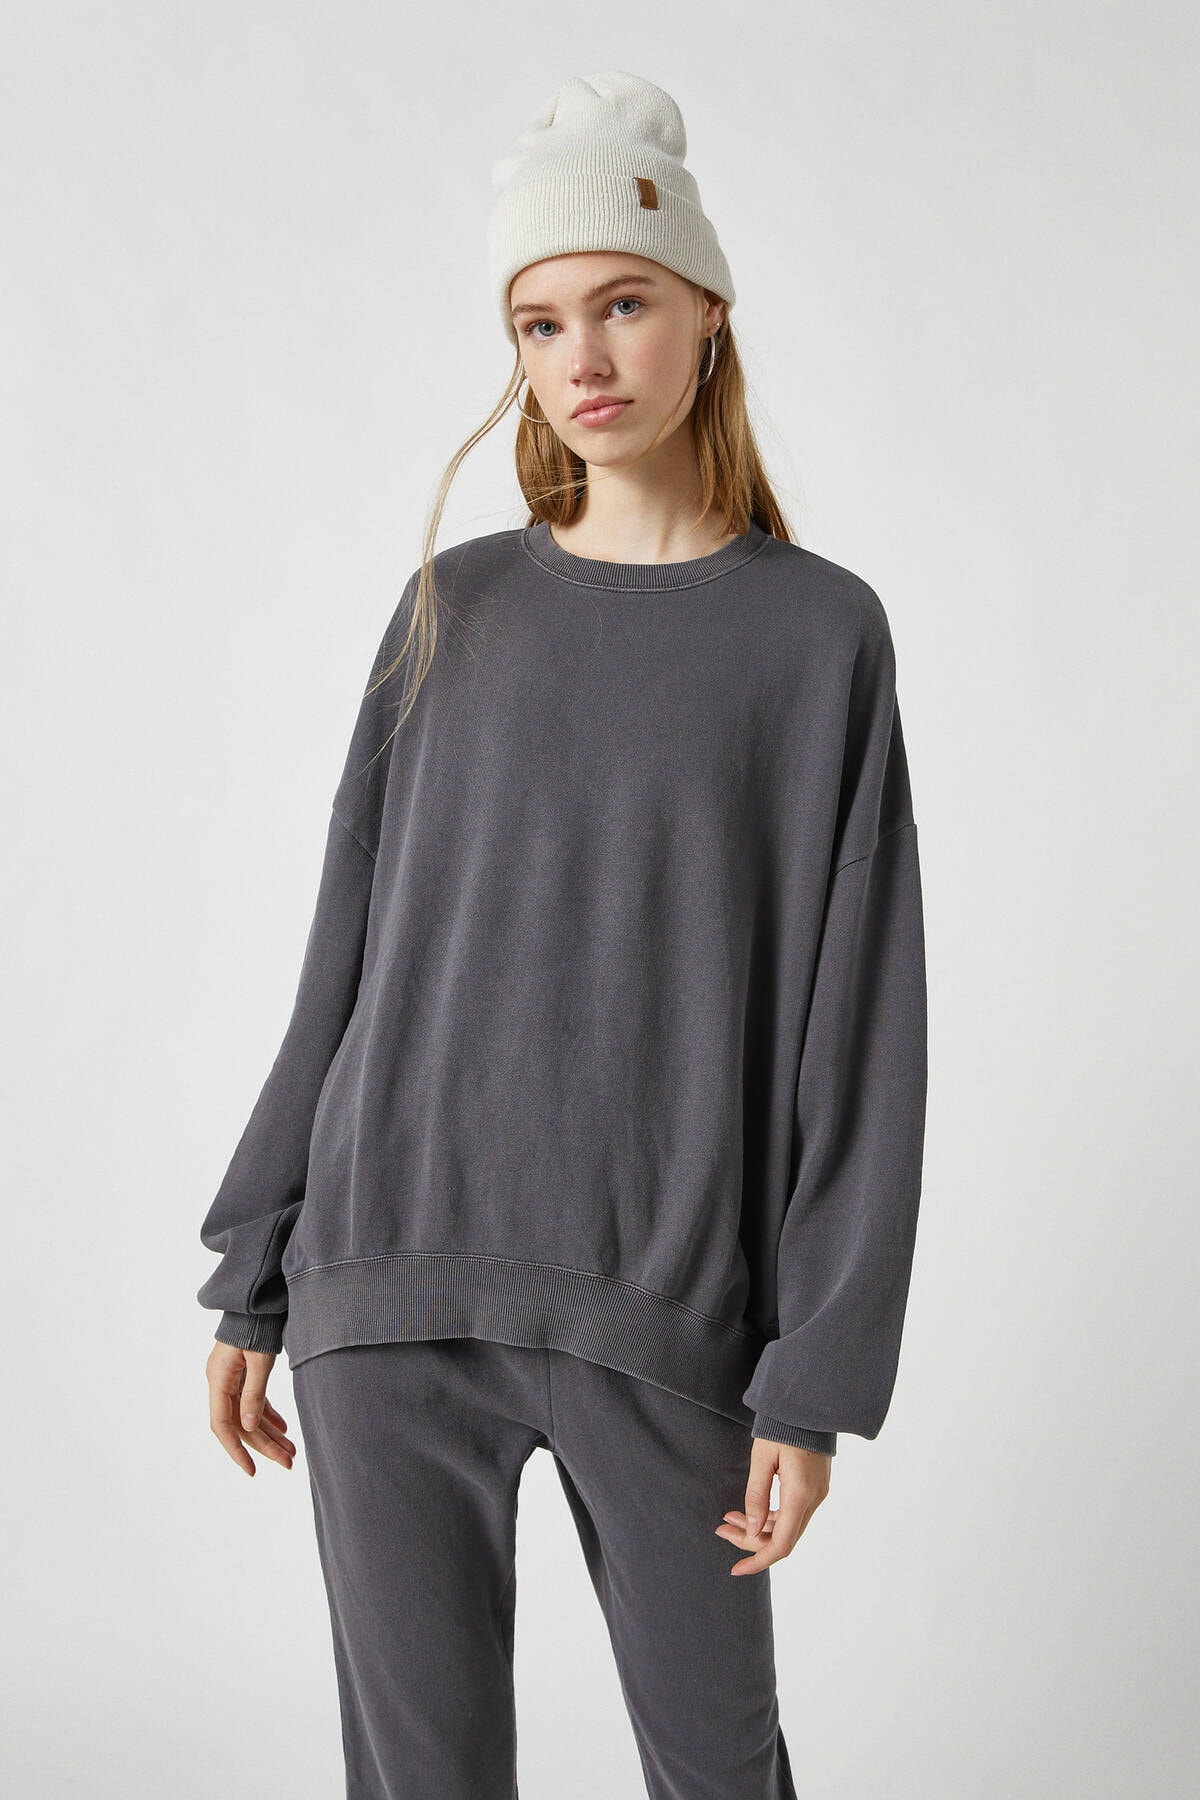 Pull & Bear Kadın Antrasit Gri Soluk Efektli Oversize Sweatshirt 09594390